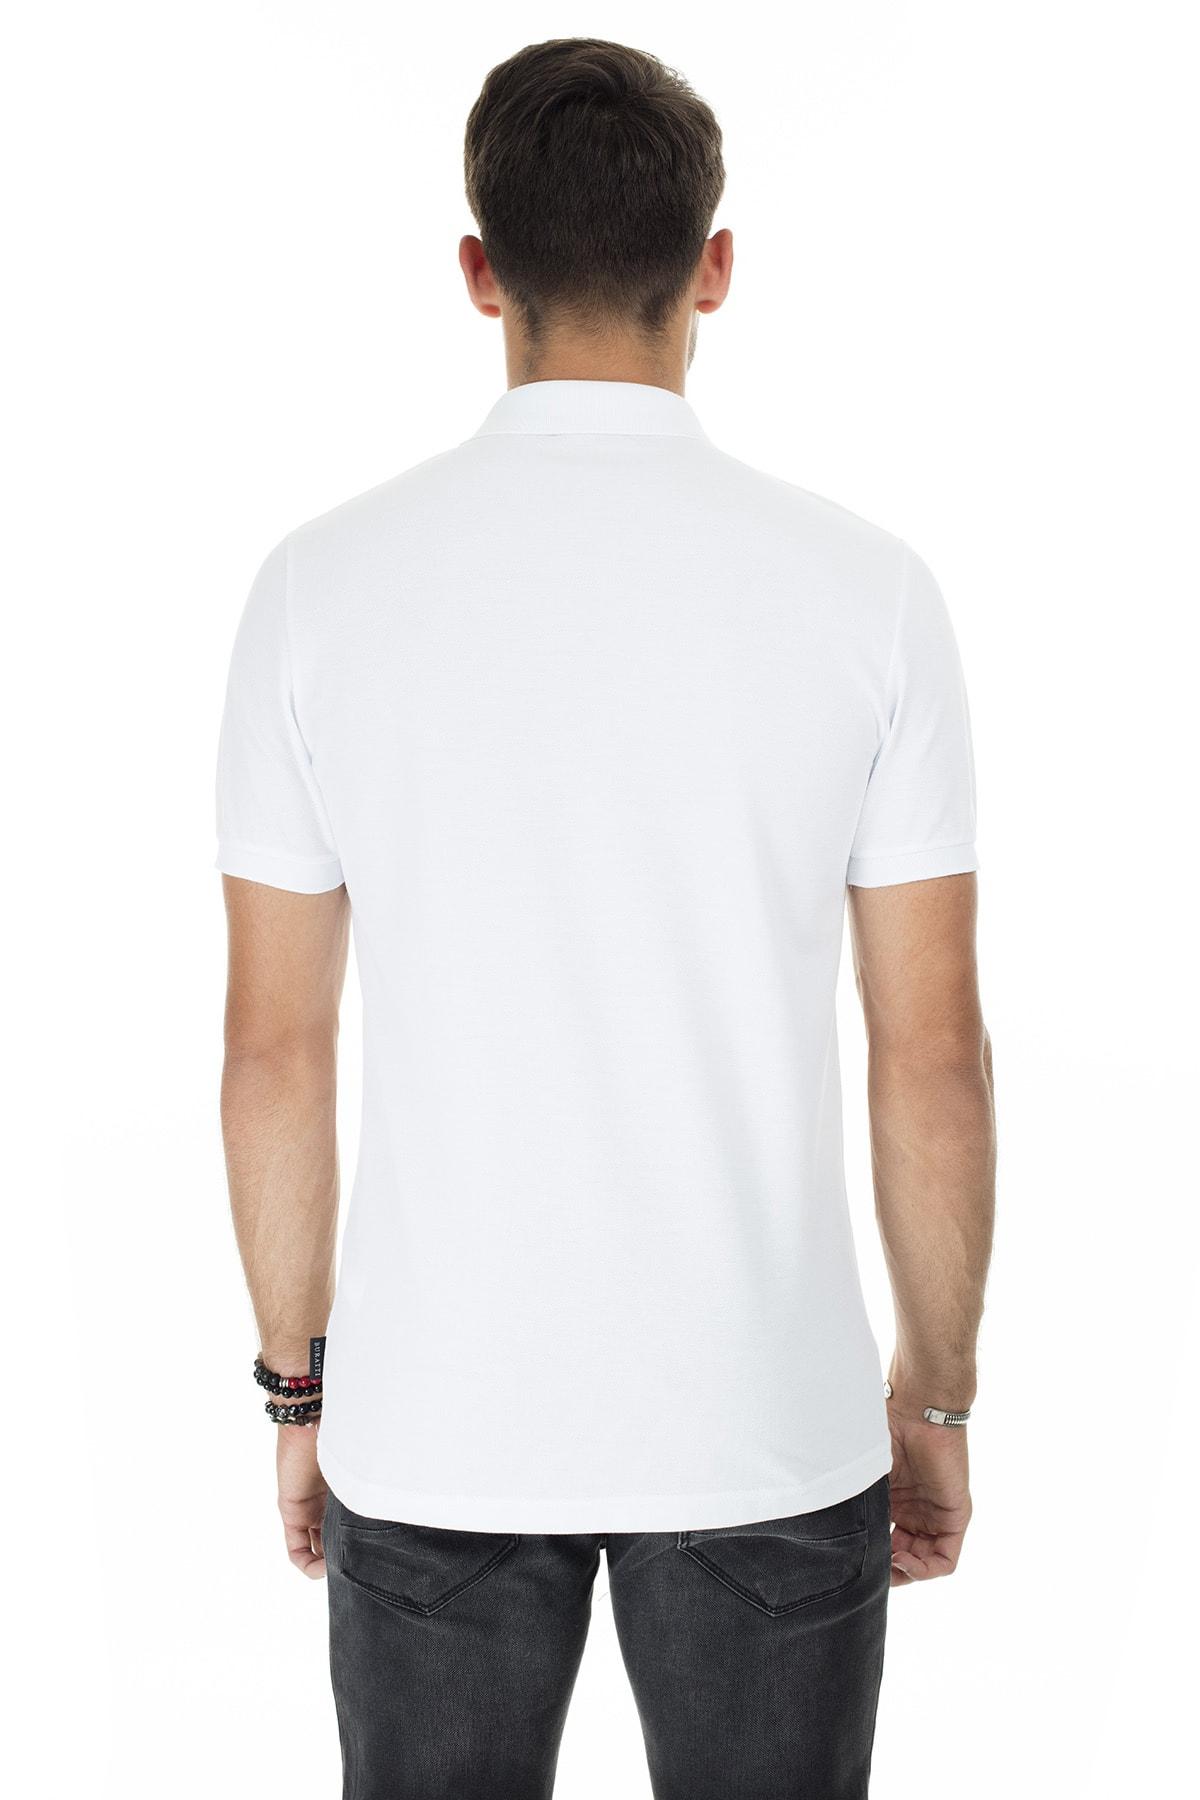 Buratti Erkek Beyaz Düğmeli Polo Yaka Pamuklu Günlük T Shirt 4362050 1